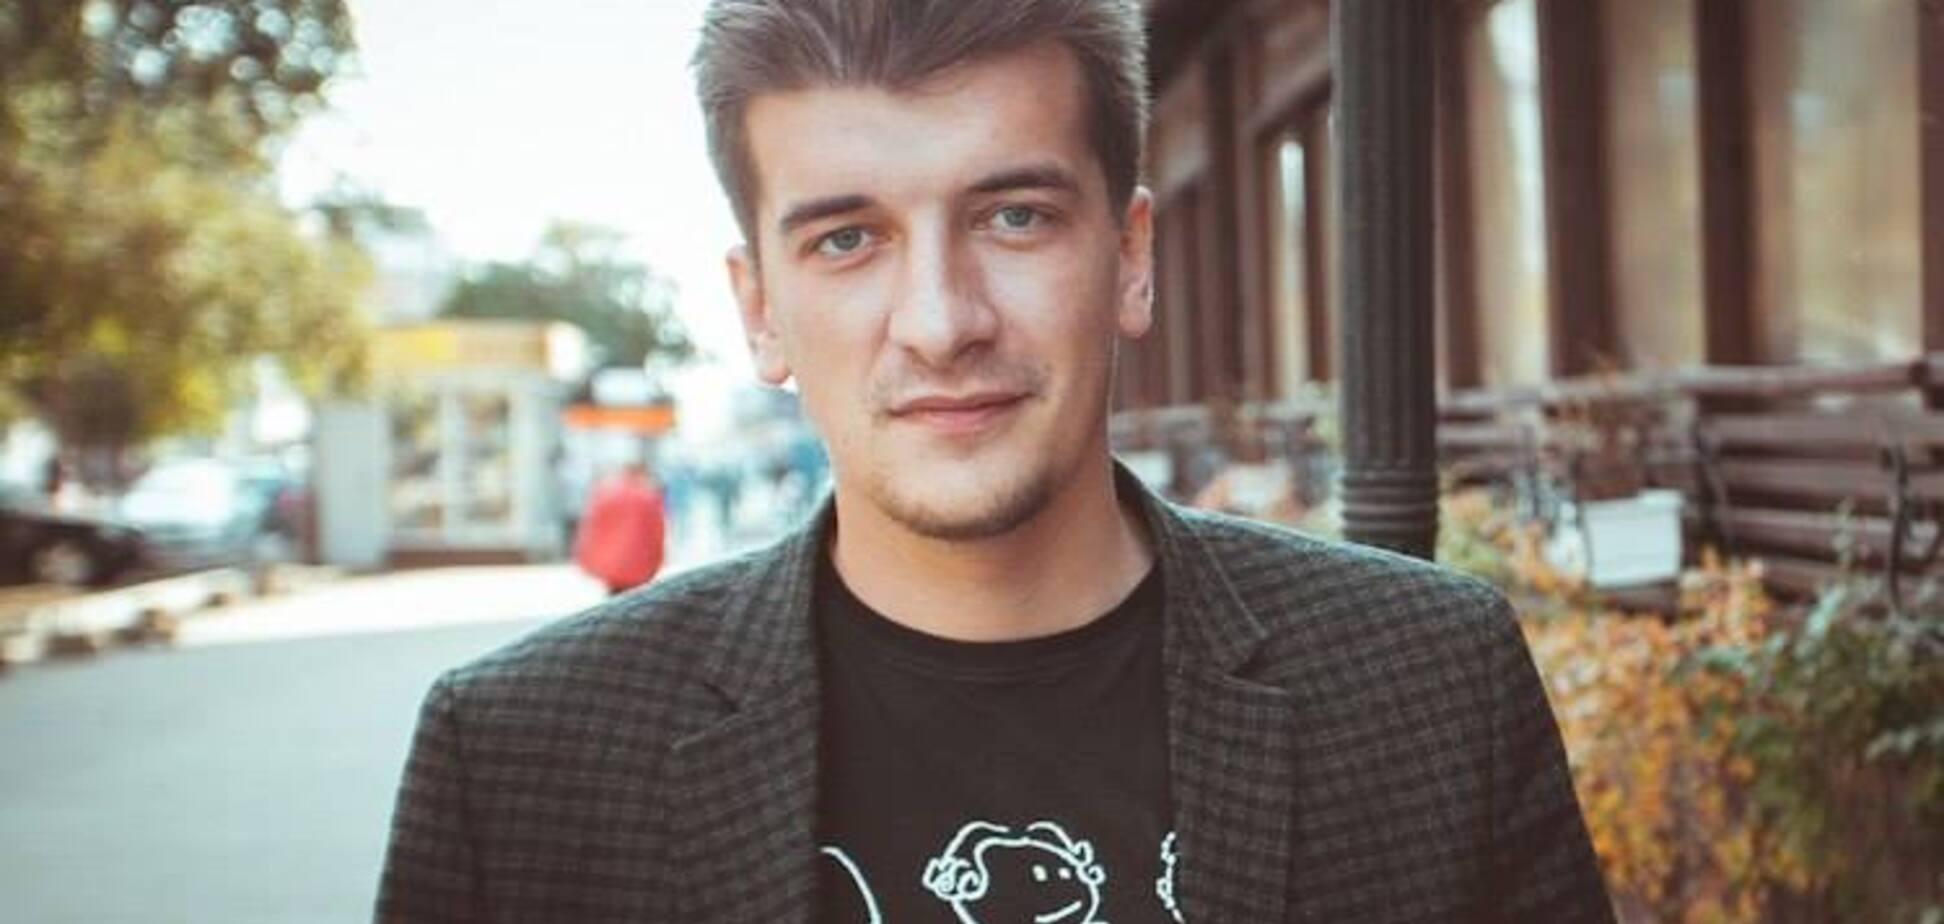 Гибель российского журналиста: такие, как Максим, не выходят сами с пятого этажа